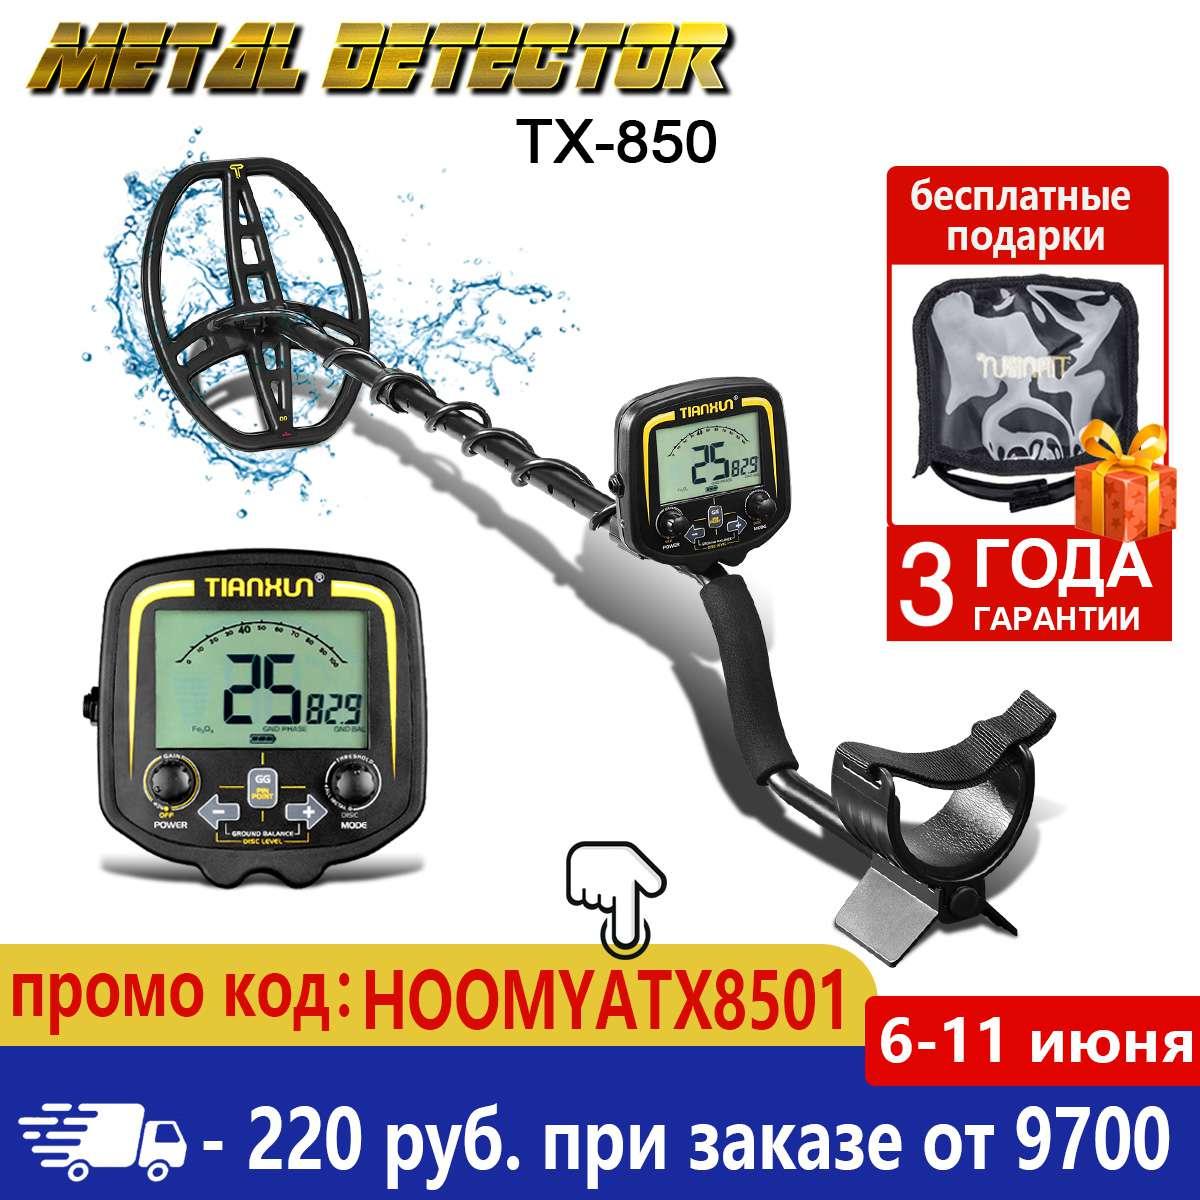 Профессиональный металлоискатель, поиск на глубину 2,5 м водонепроницаемый